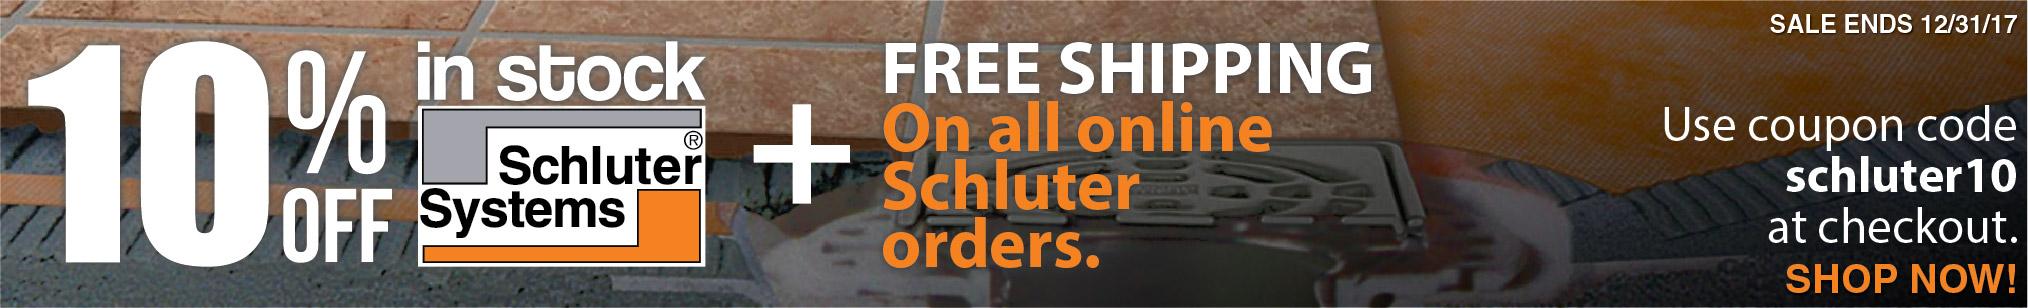 Schluter Sale